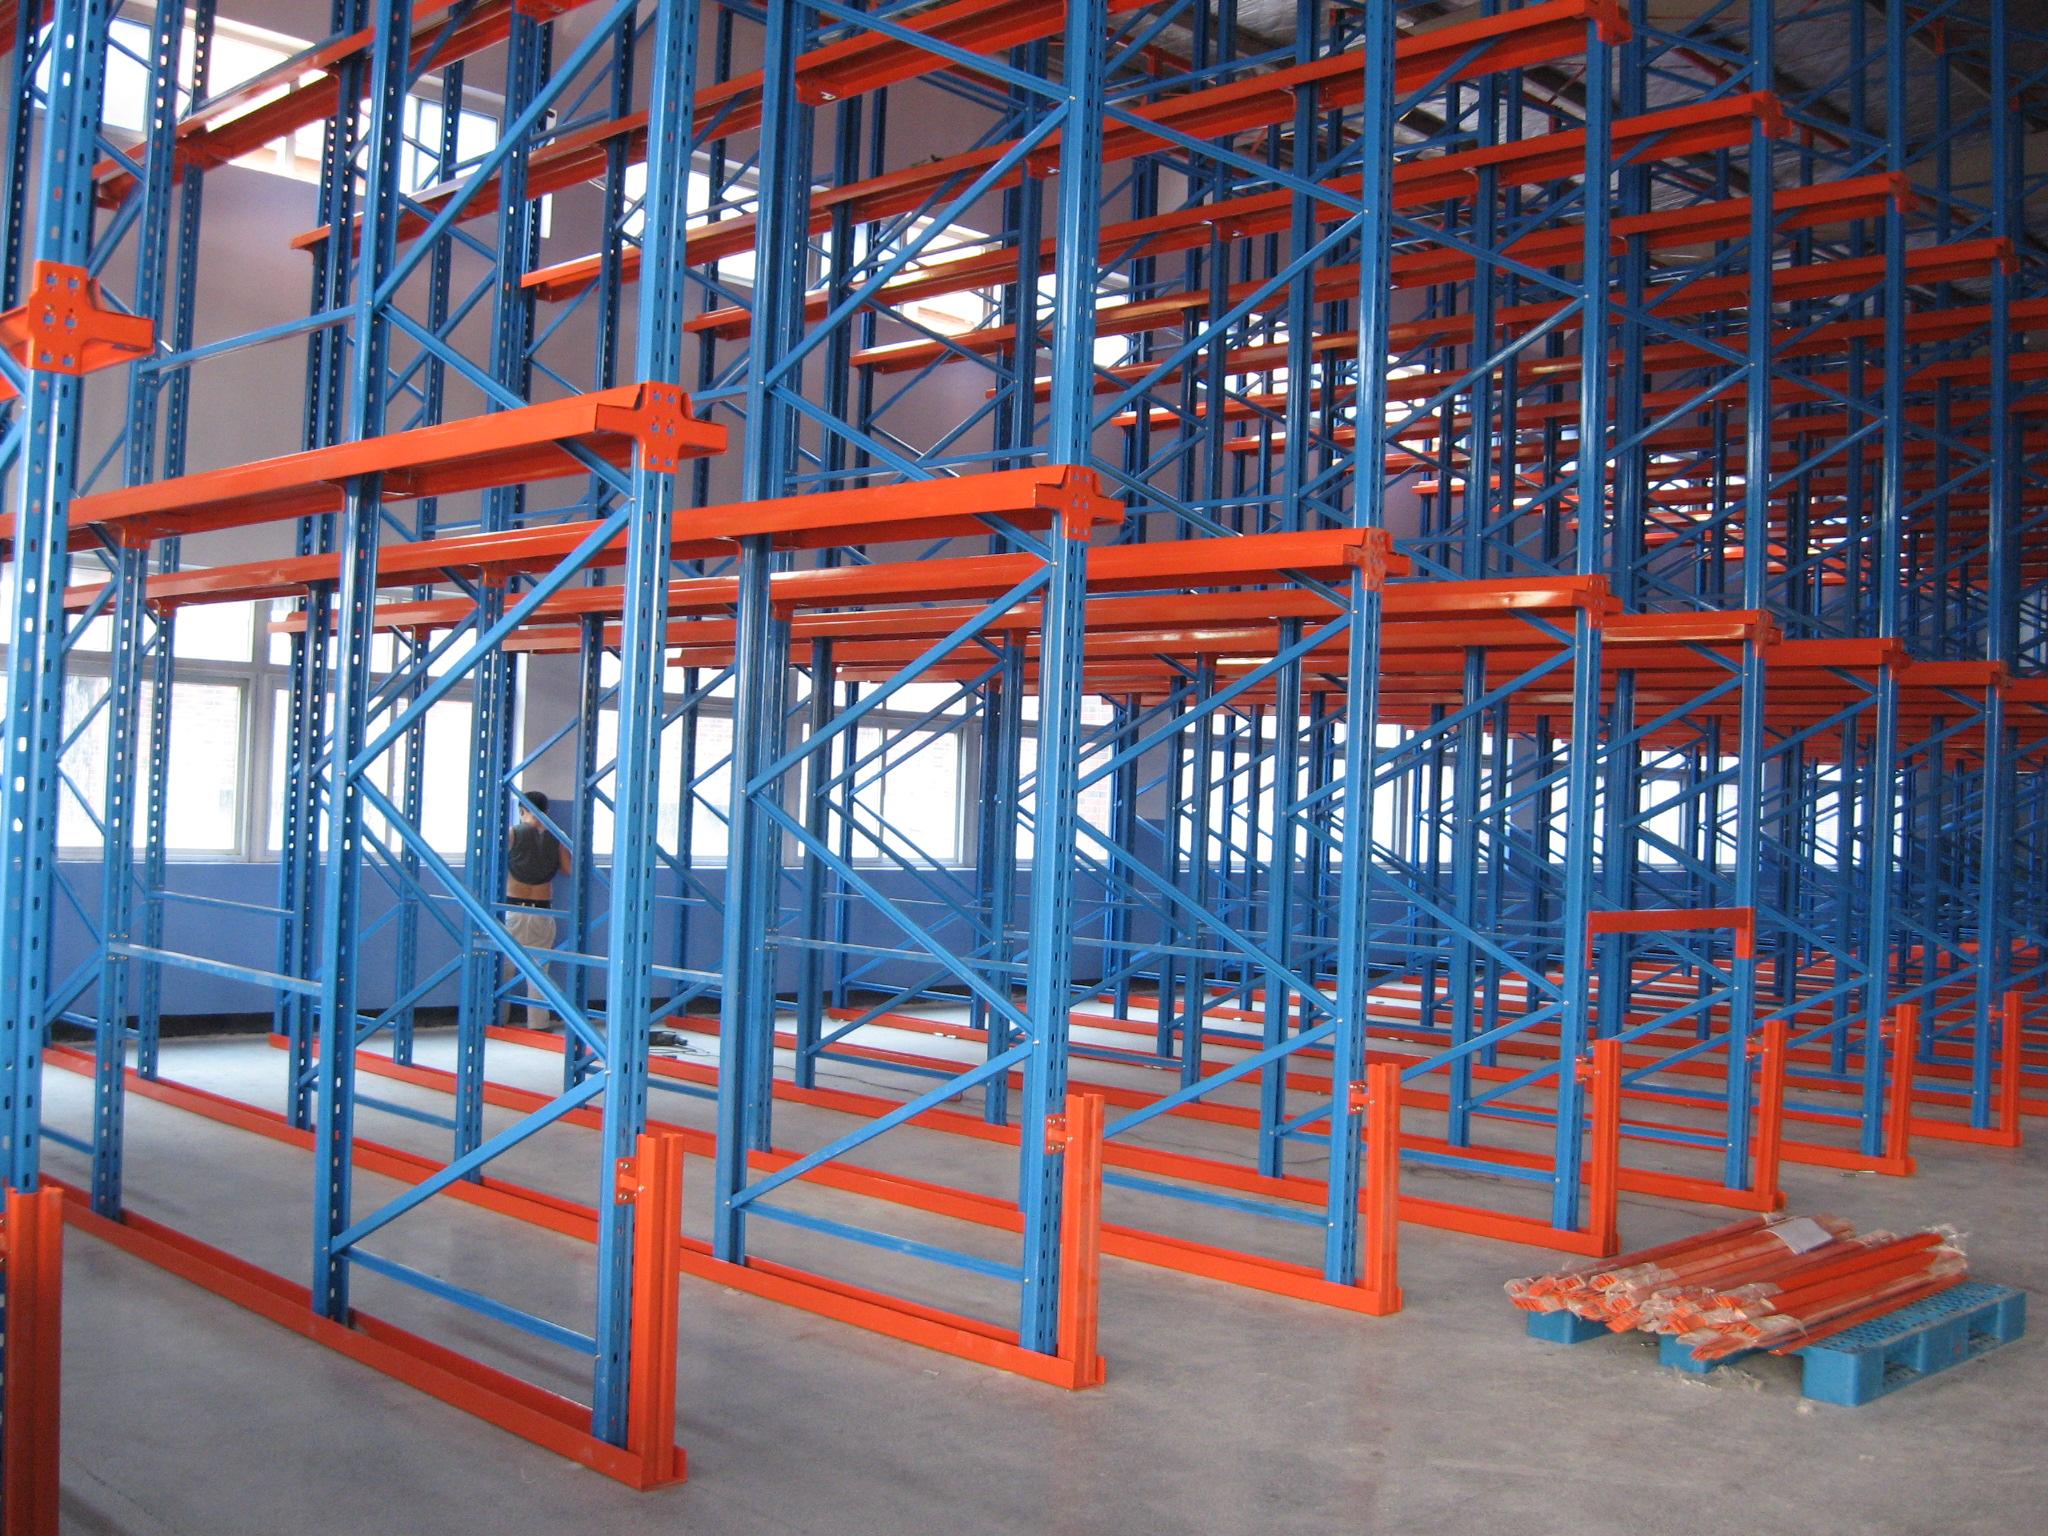 通廊式货架,通廊式货架厂家,规格,图片,价格